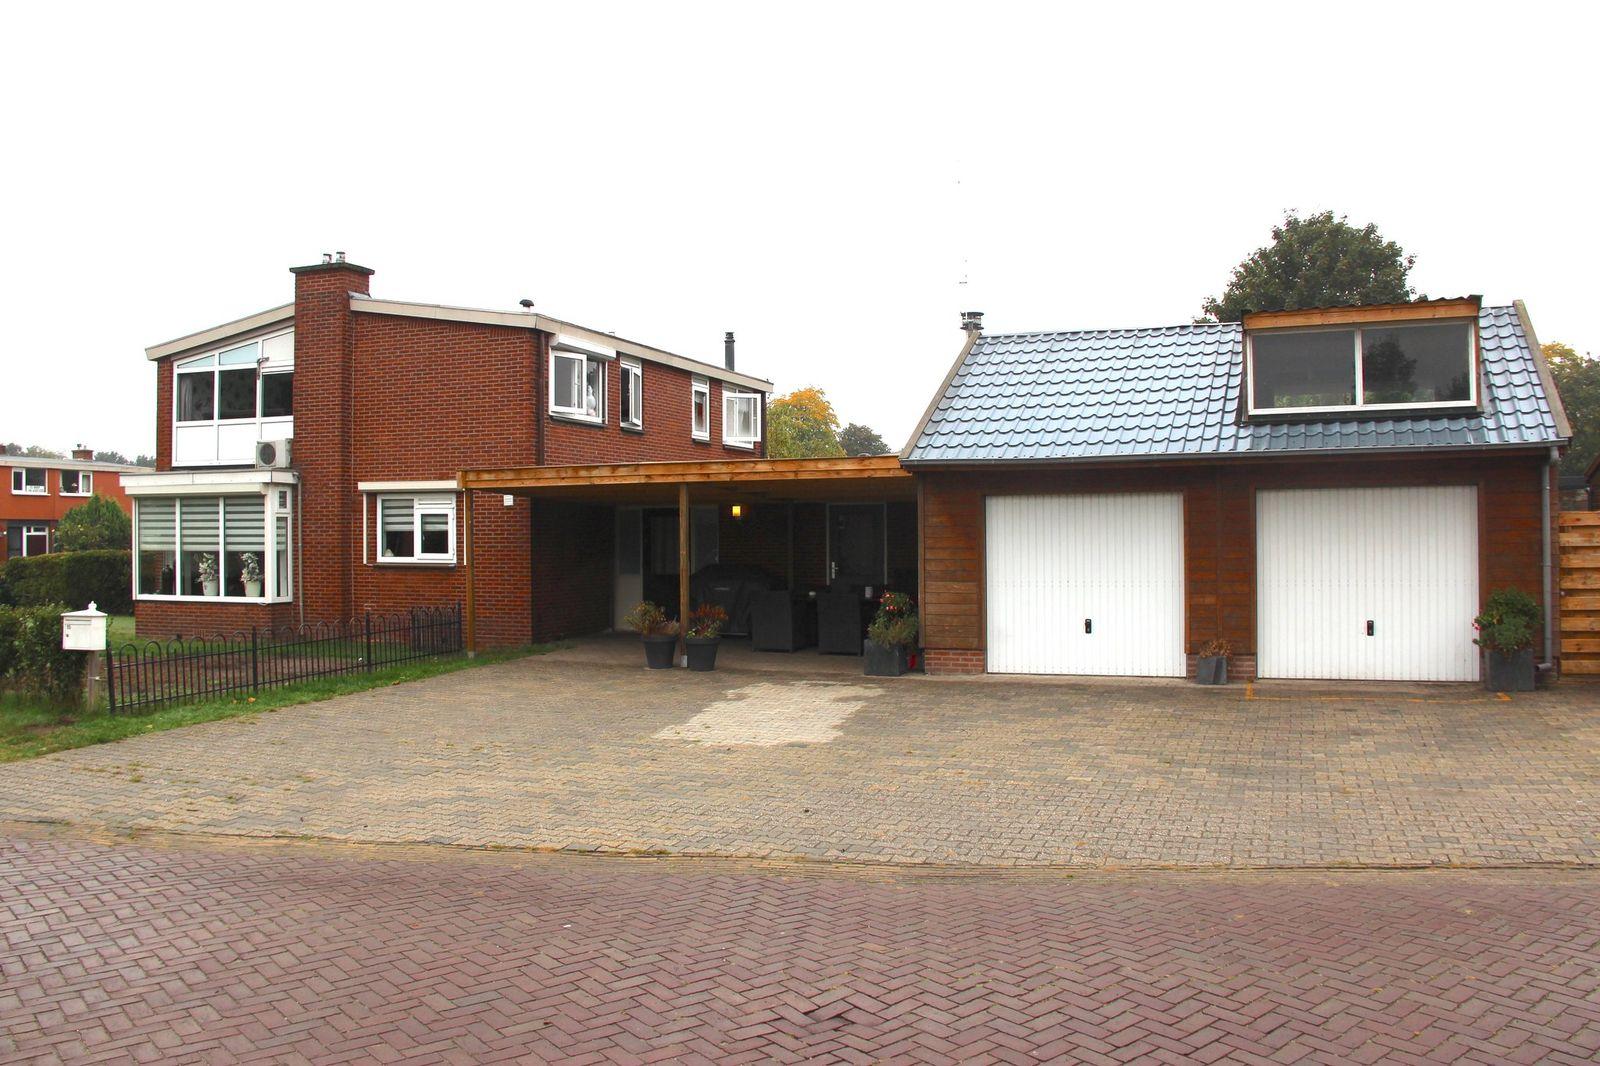 Ring 15, Nieuw-amsterdam